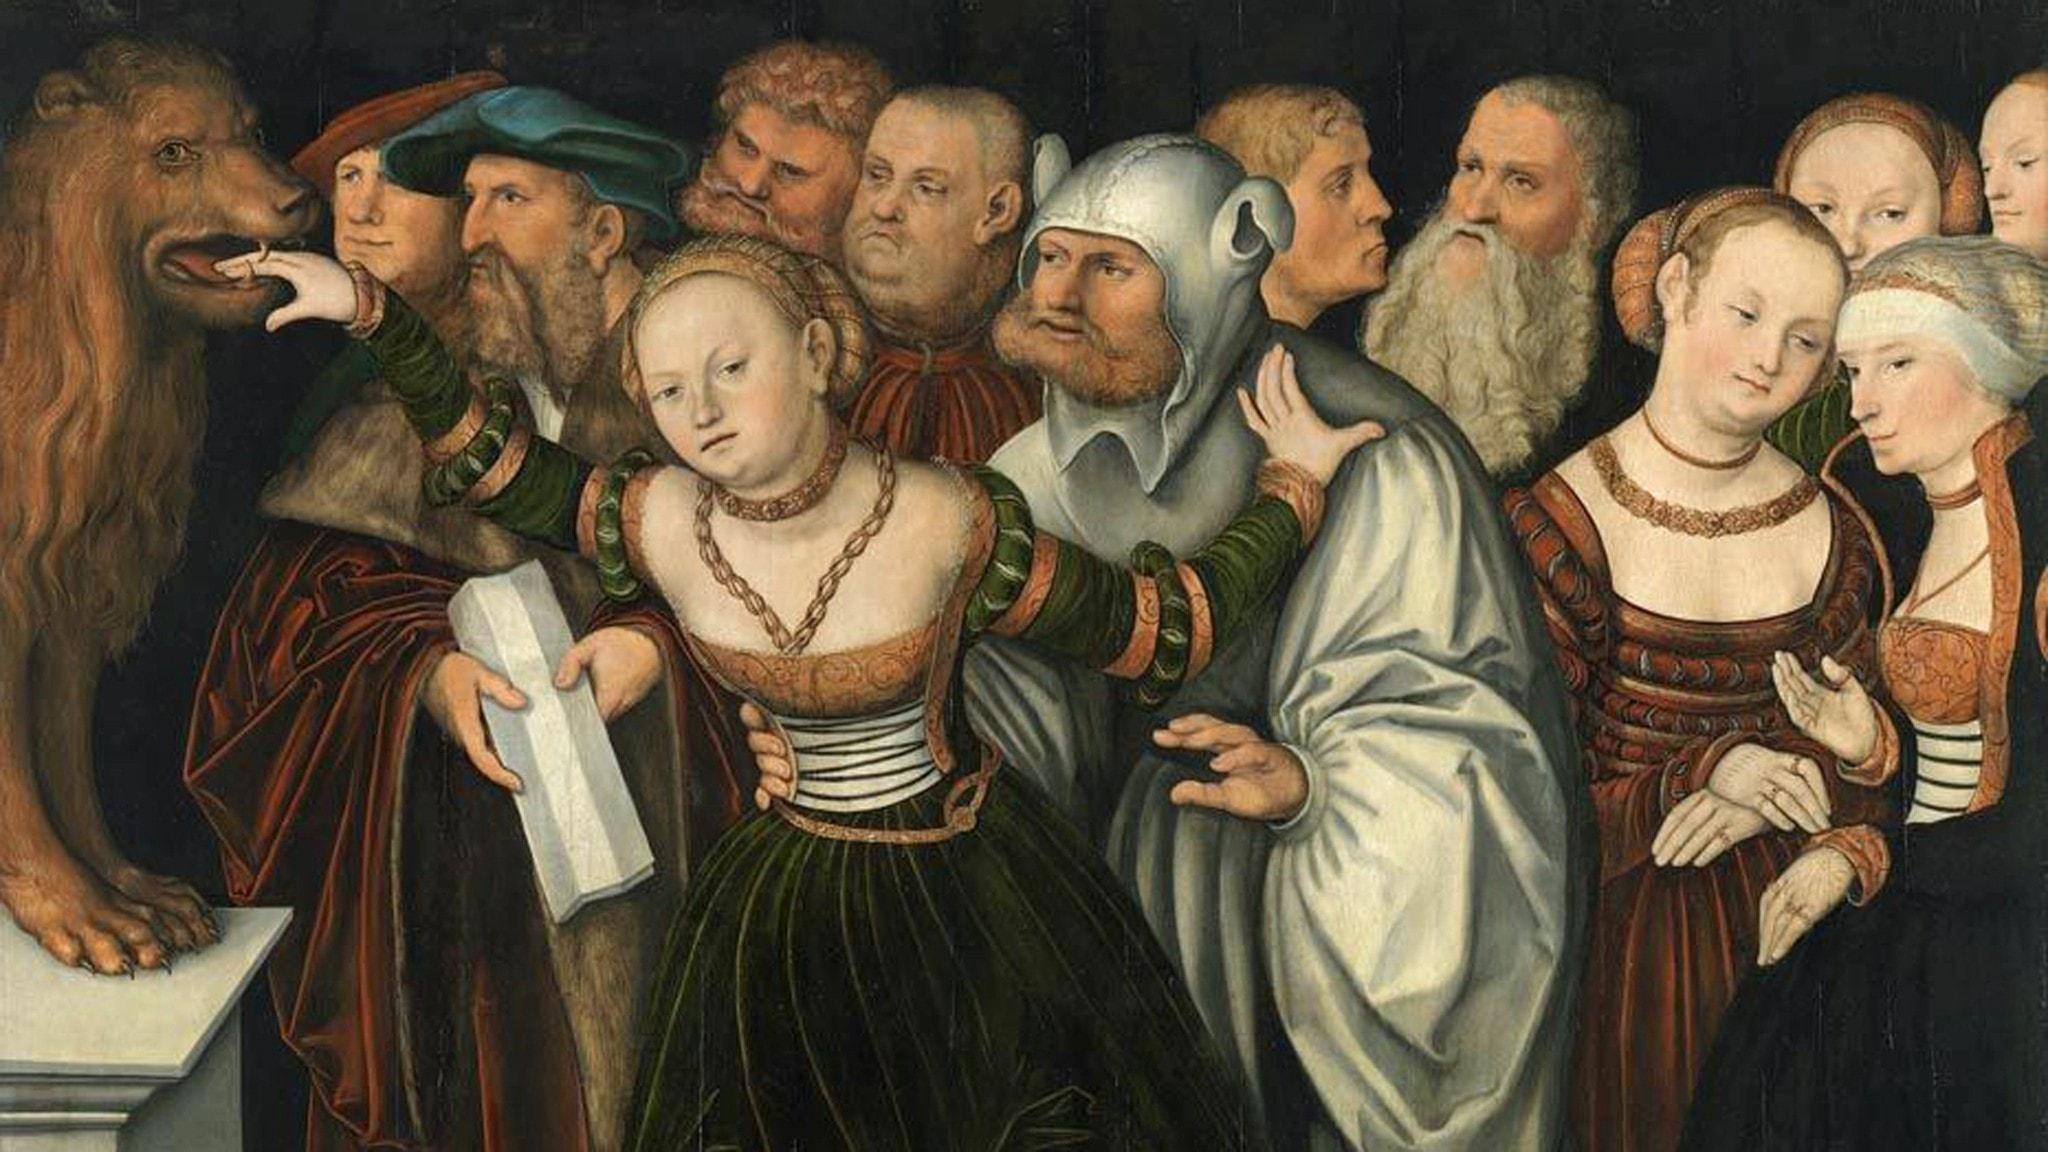 """En kvinna anklagad för äktenskapsbrott utsätts för den antika lögndetektorn """"Bocca della veritá"""" (sanningens mun) i Hans Cranachs målning från 1534."""